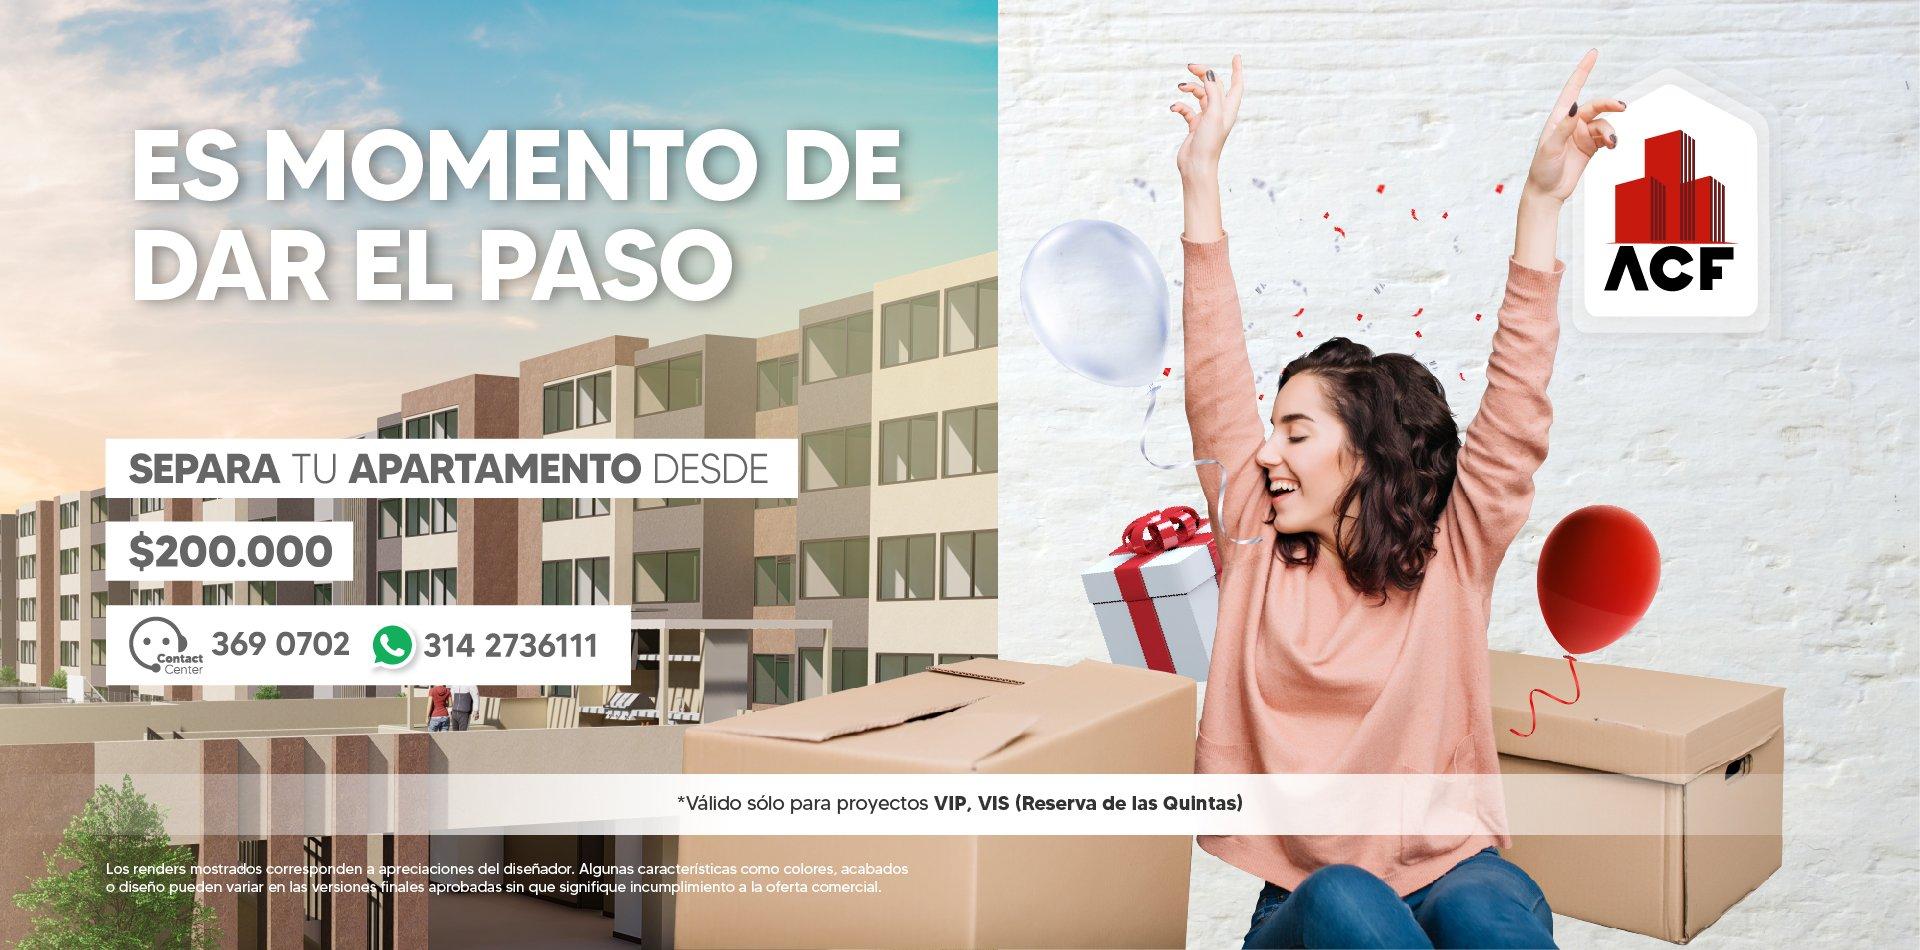 Consigue tu apartamento